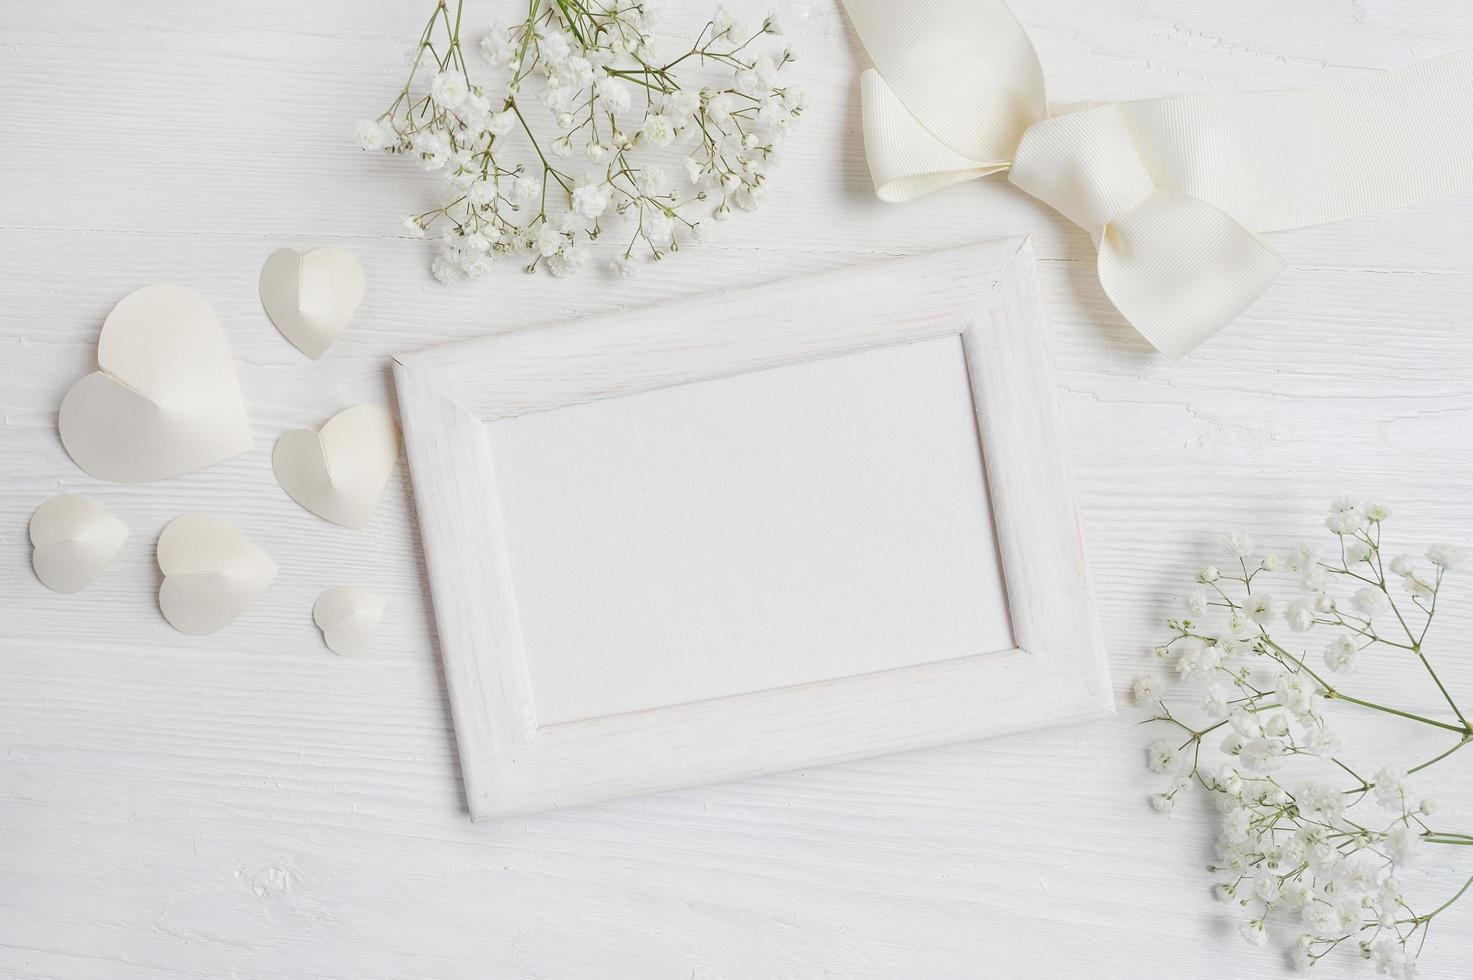 cadre en bois blanc avec coeurs et fleurs photo